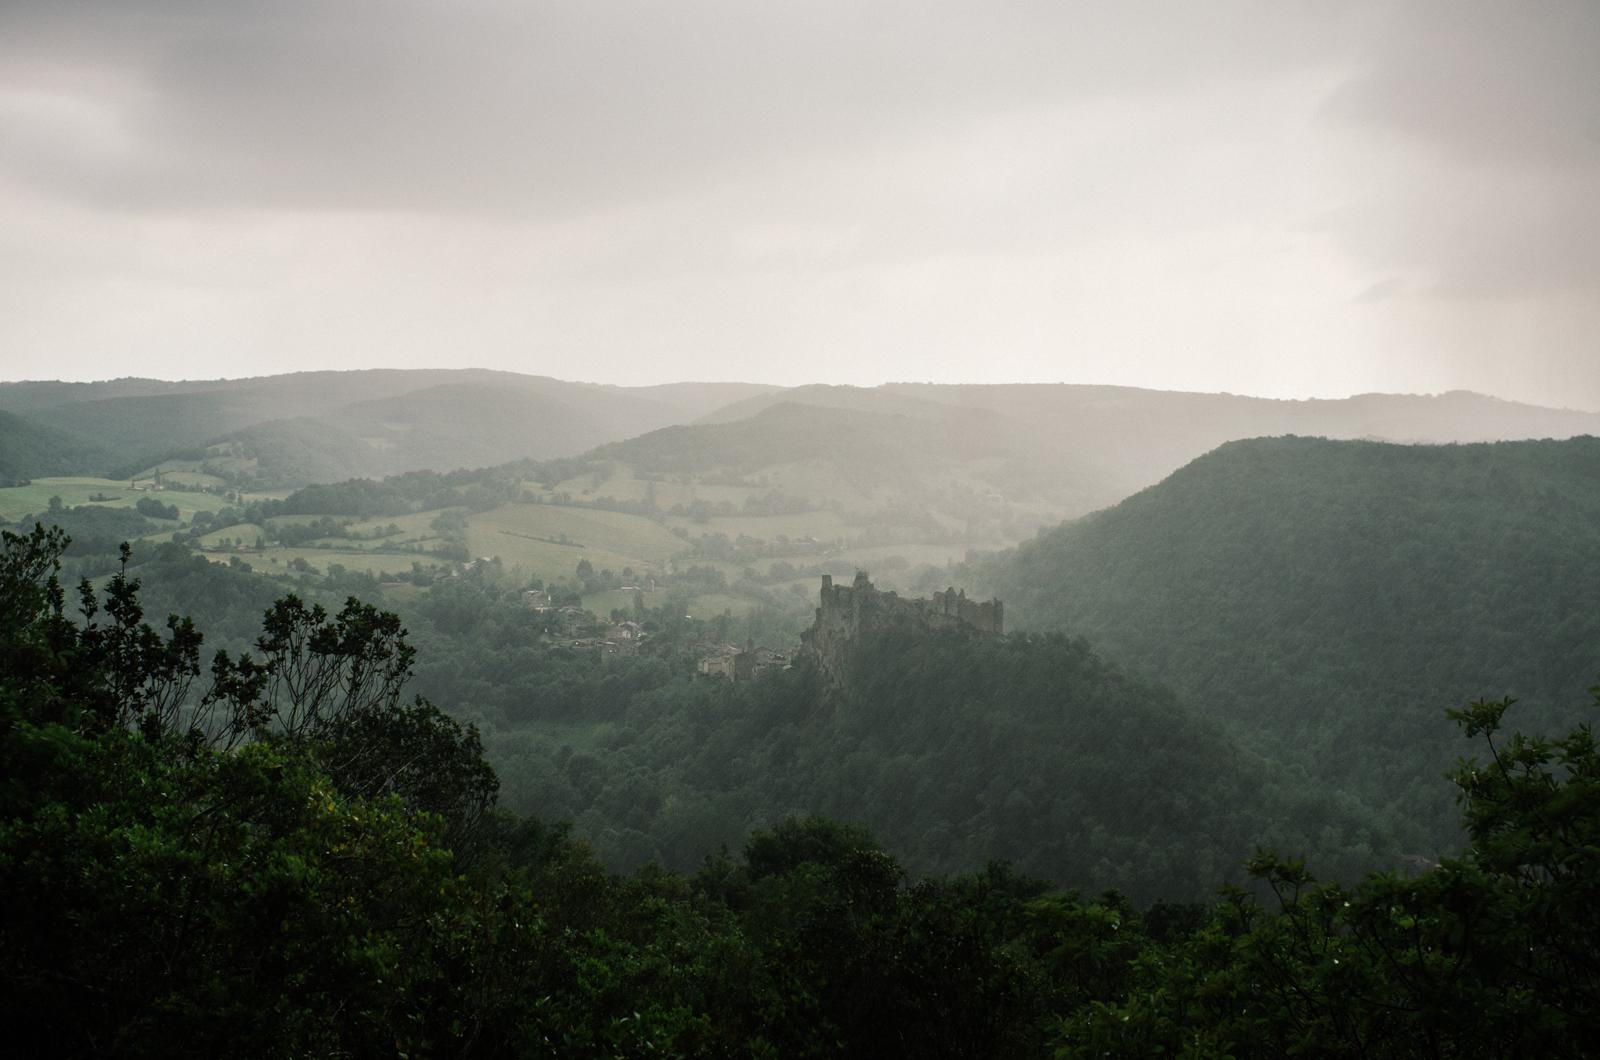 Randonnée dans les gorges de l'Aveyron - Penne sous la pluie